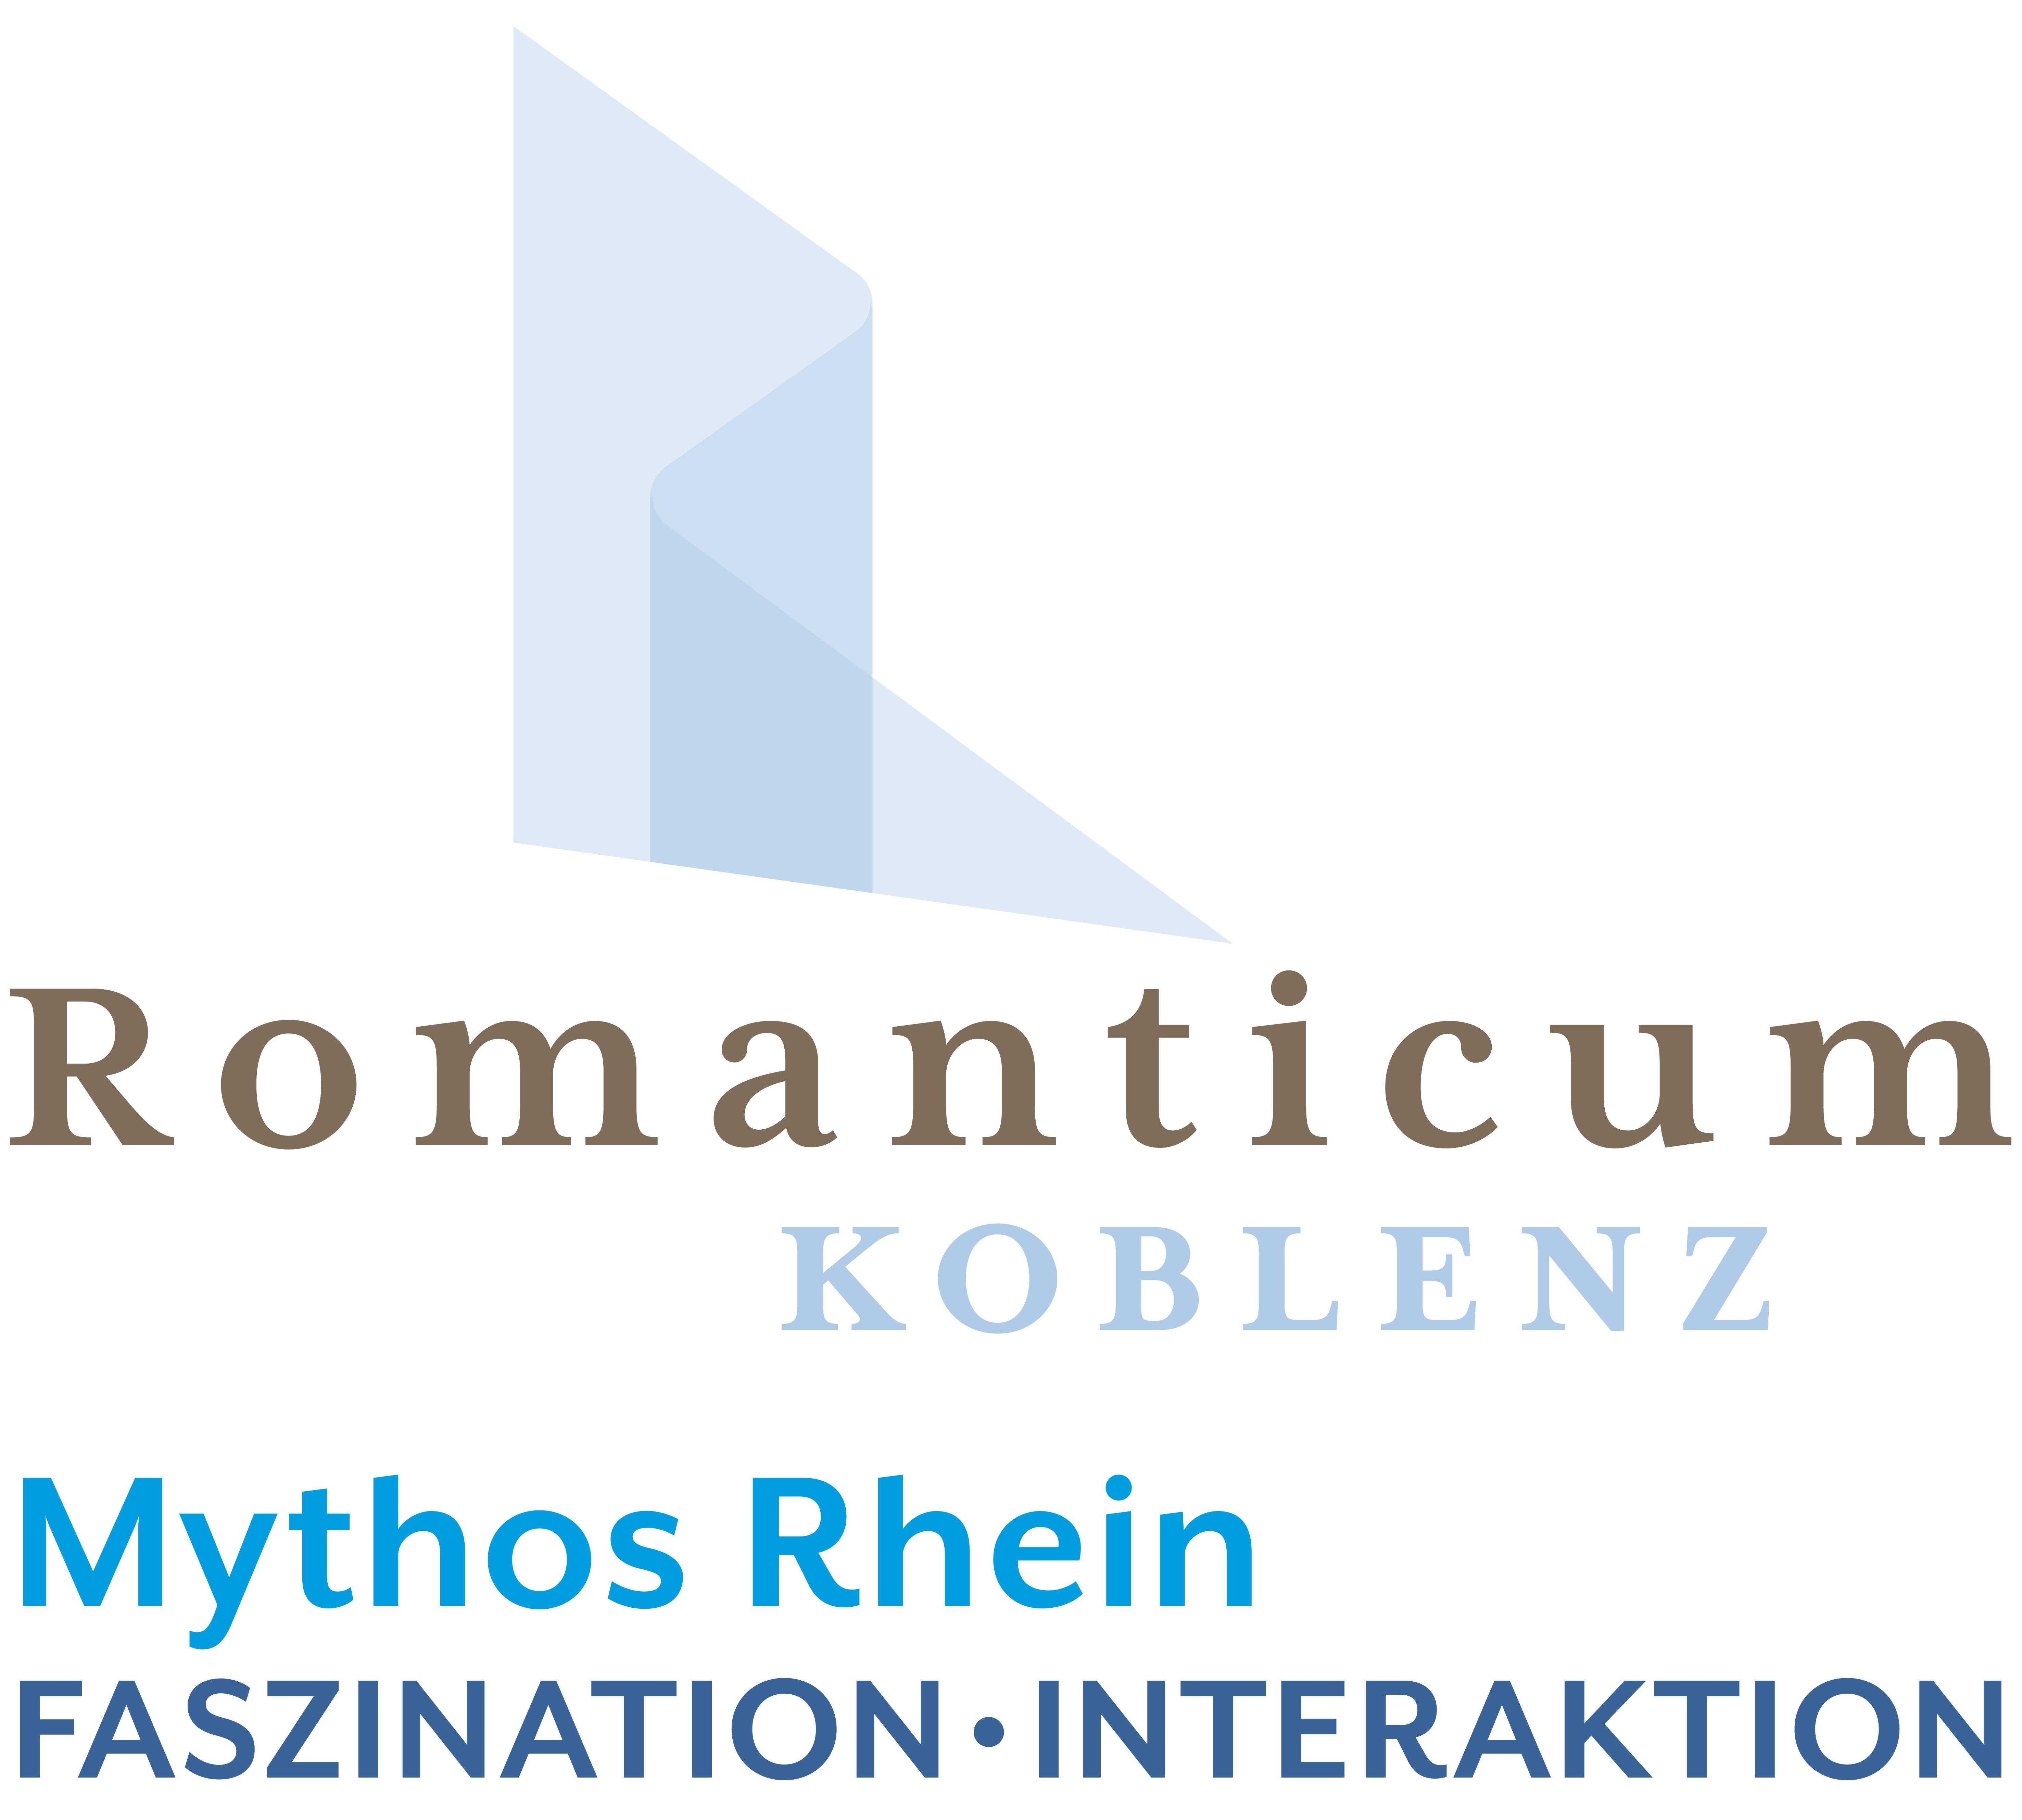 Romanticum Koblenz